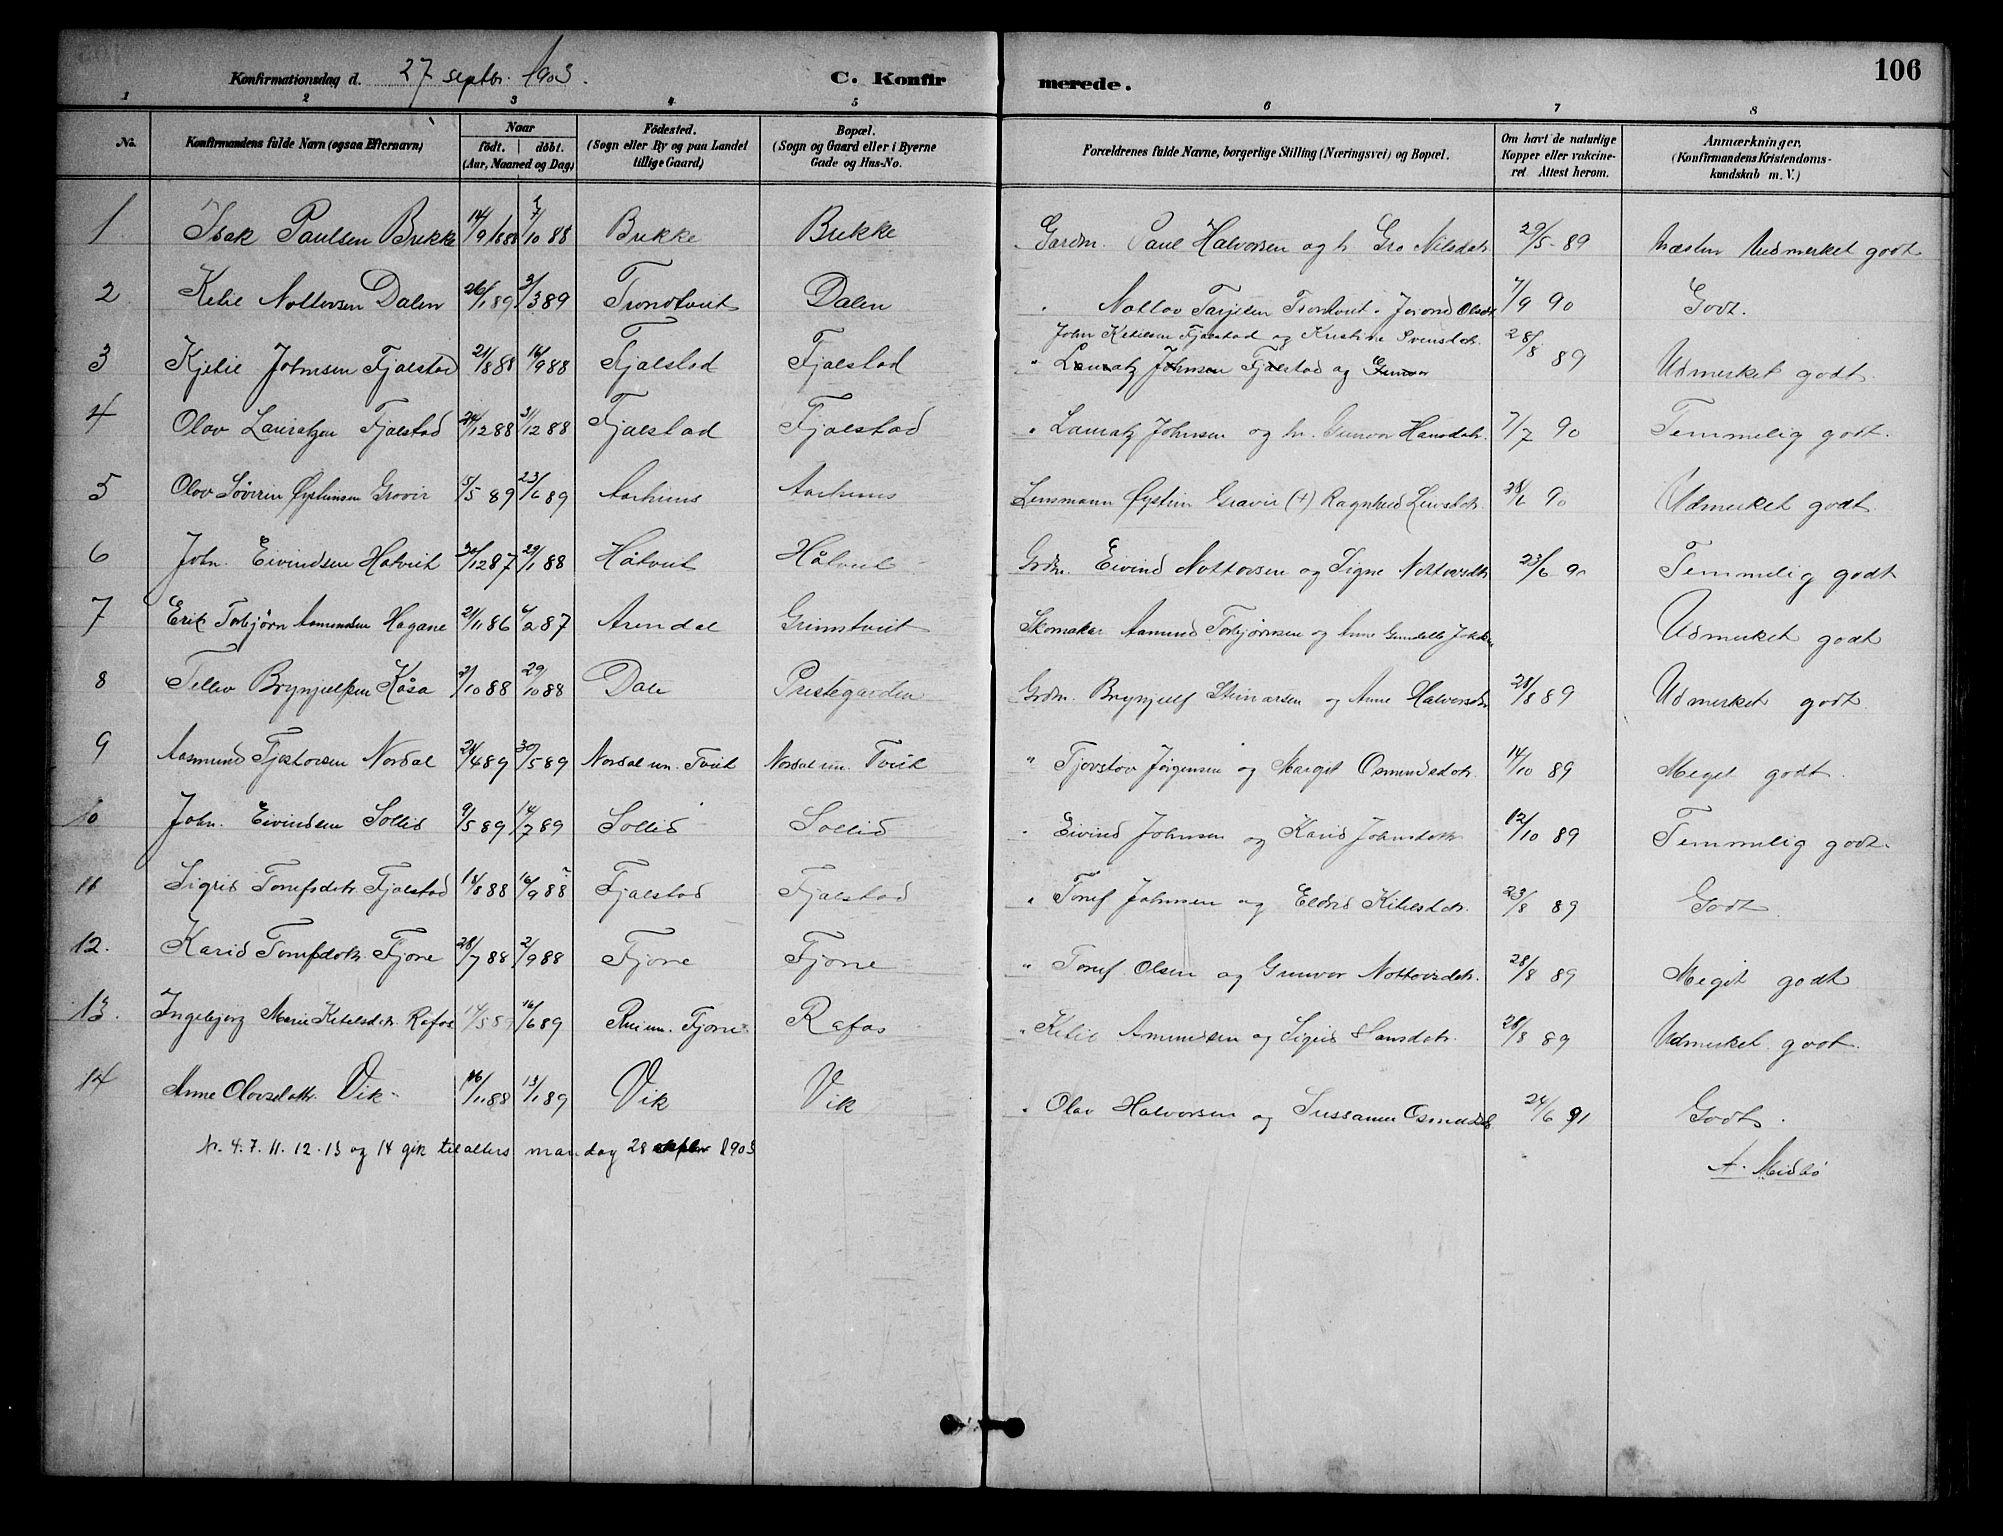 SAKO, Nissedal kirkebøker, G/Ga/L0003: Klokkerbok nr. I 3, 1887-1911, s. 106